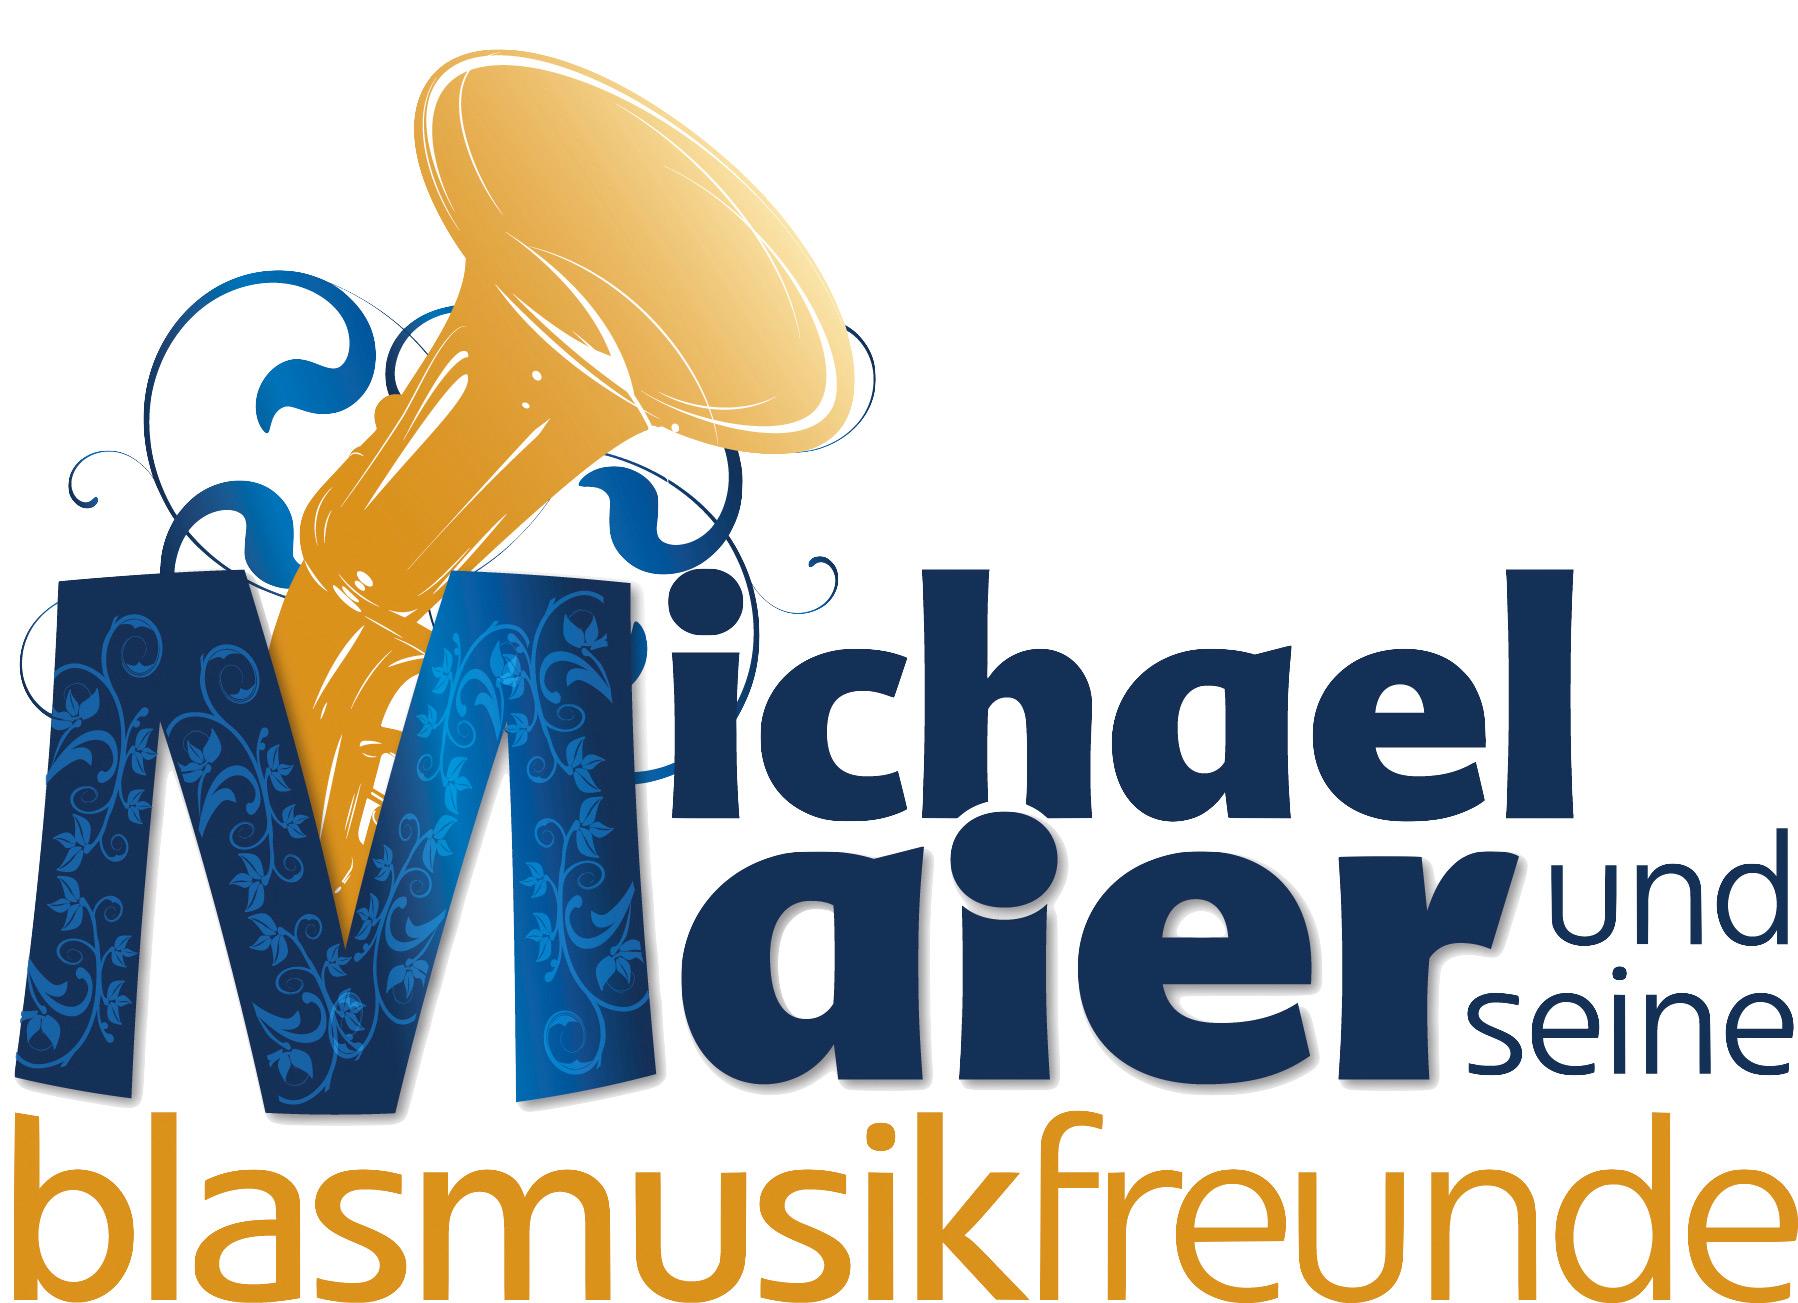 Michael Maier und seine Blasmusikfreunde